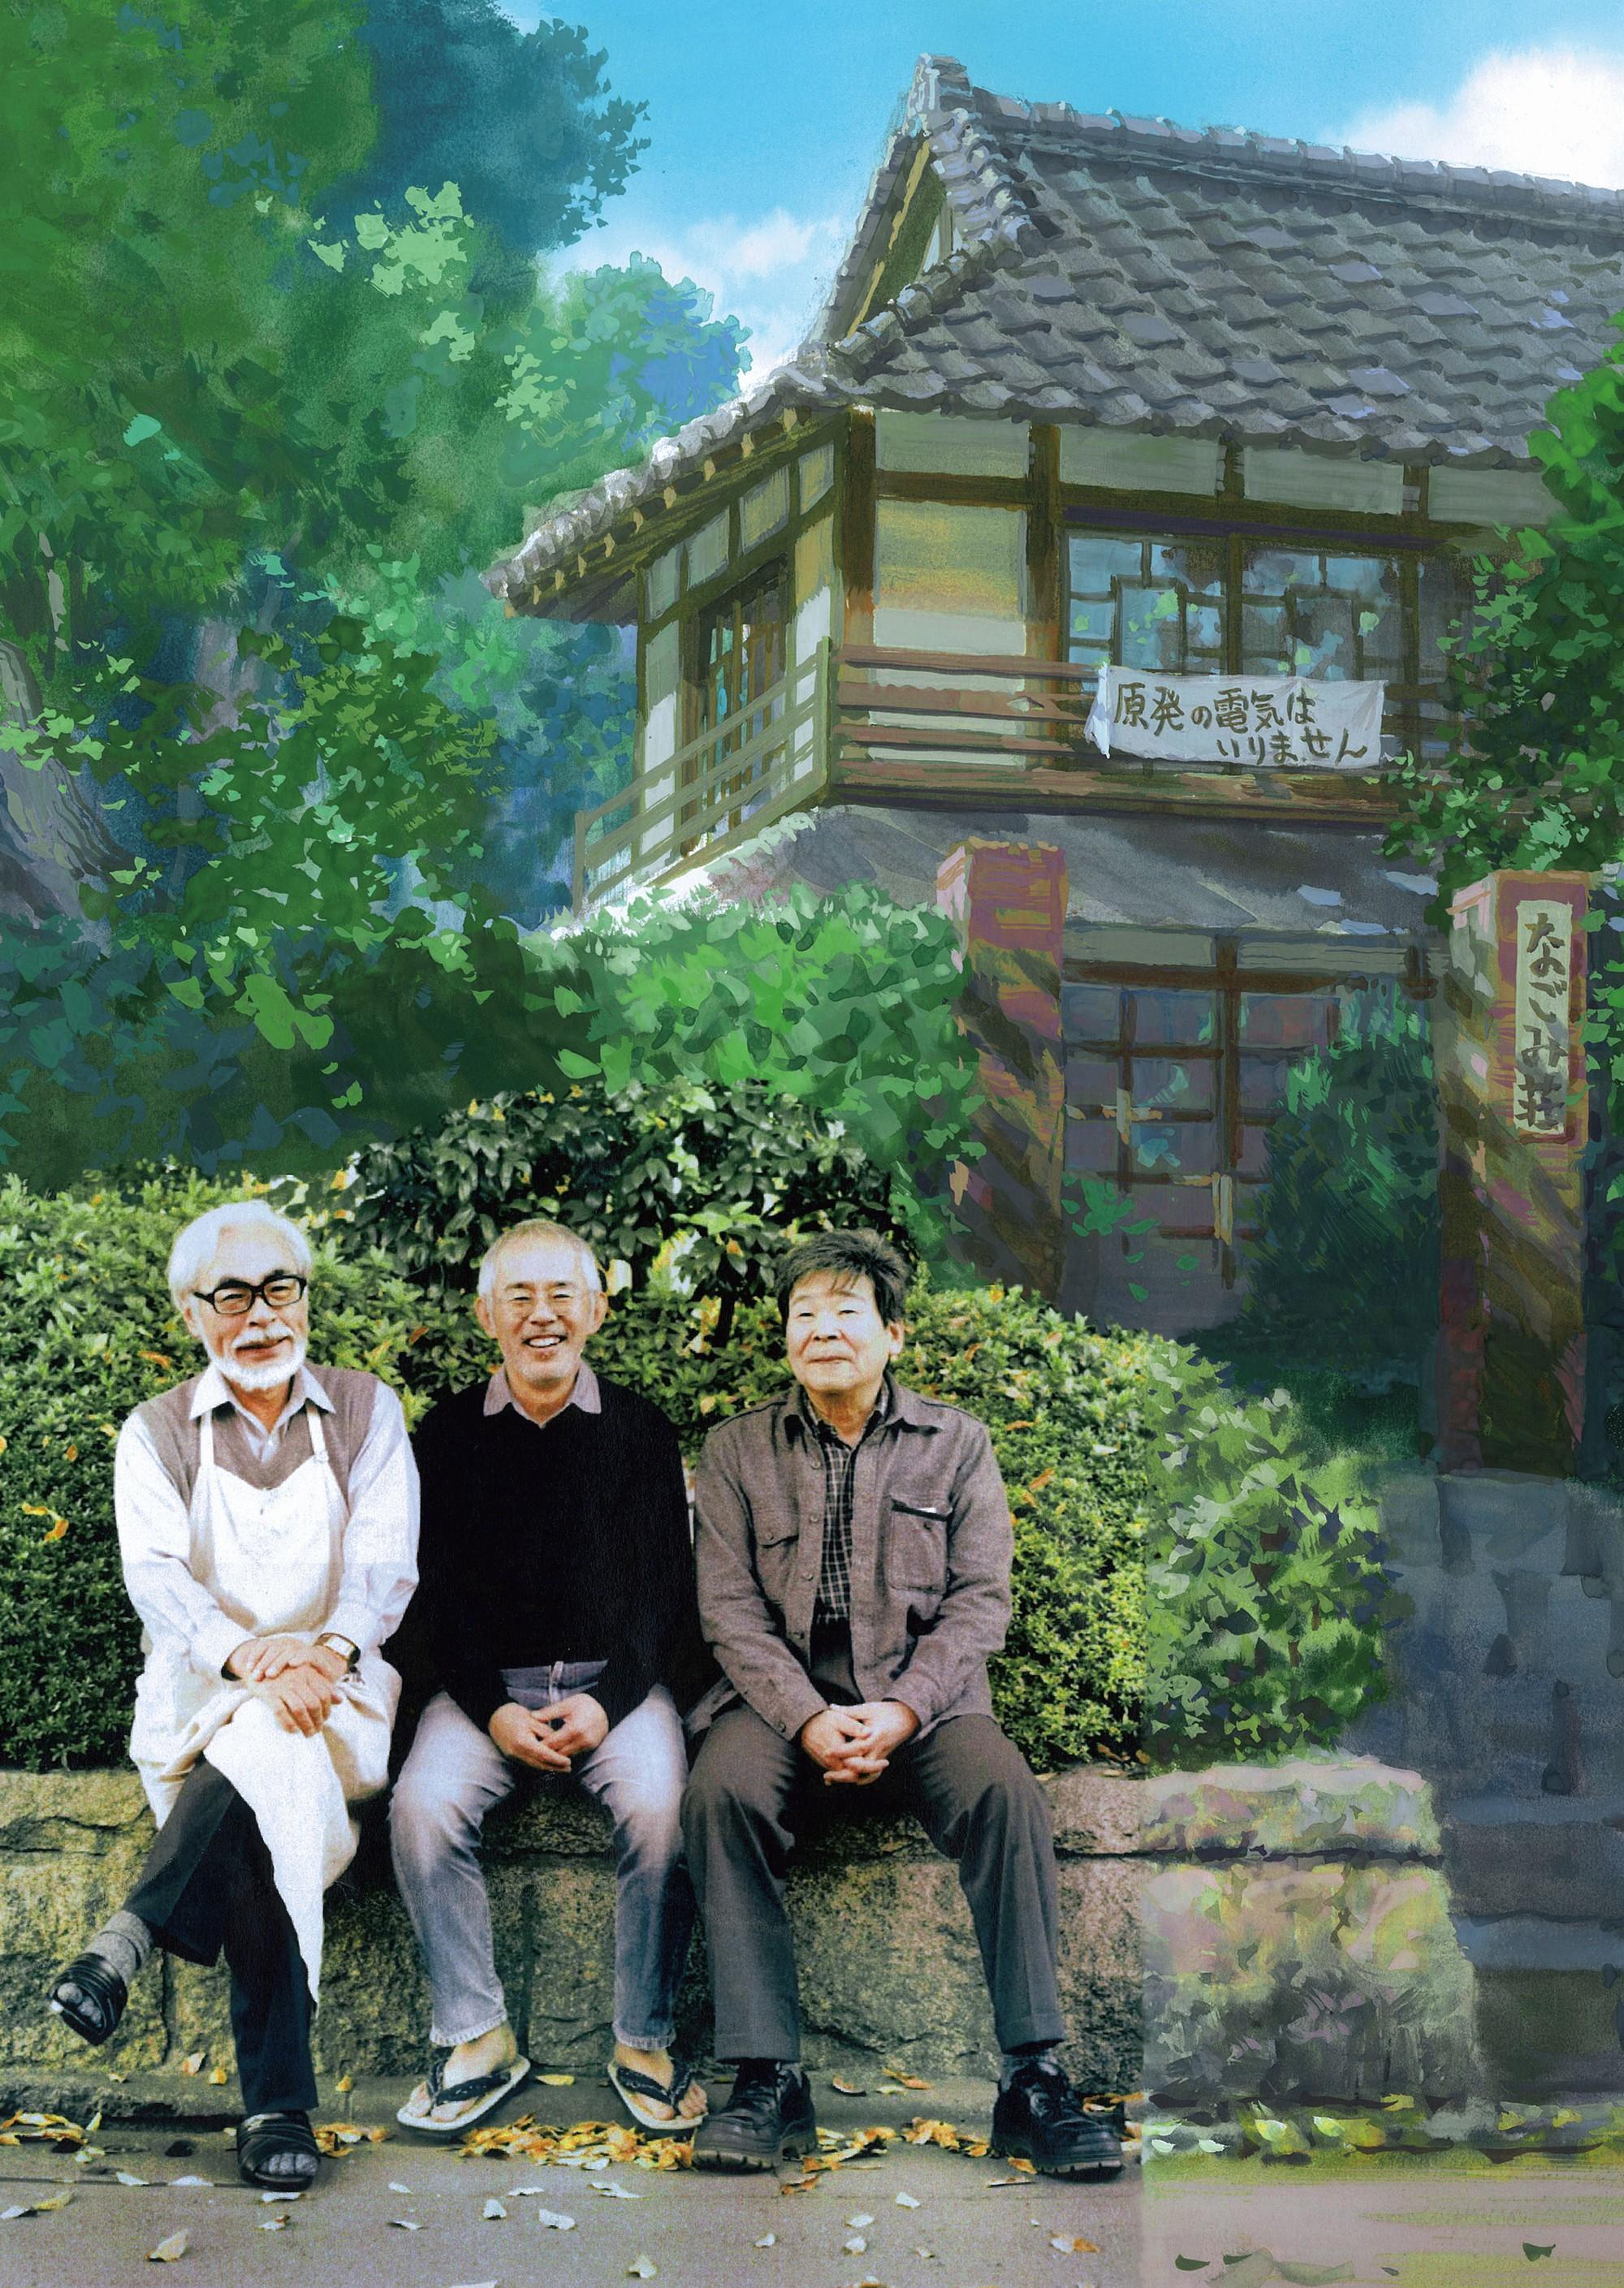 Cha đẻ phim hoạt hình Mộ đom đóm qua đời: Sự ra đi của Isao Takahata là mất mát lớn của điện ảnh Nhật Bản - Ảnh 2.